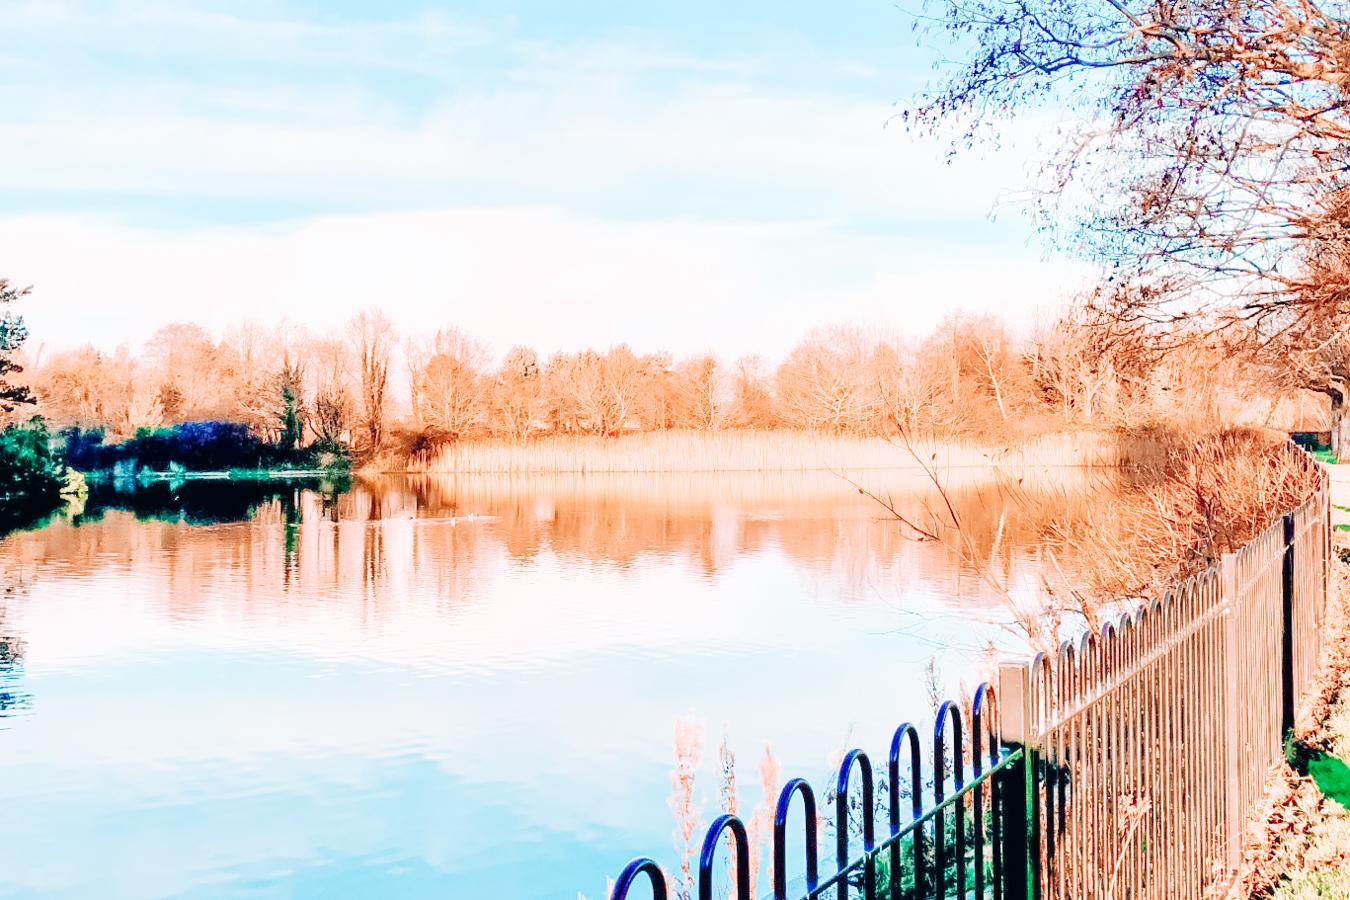 Victoria Park in Belfast